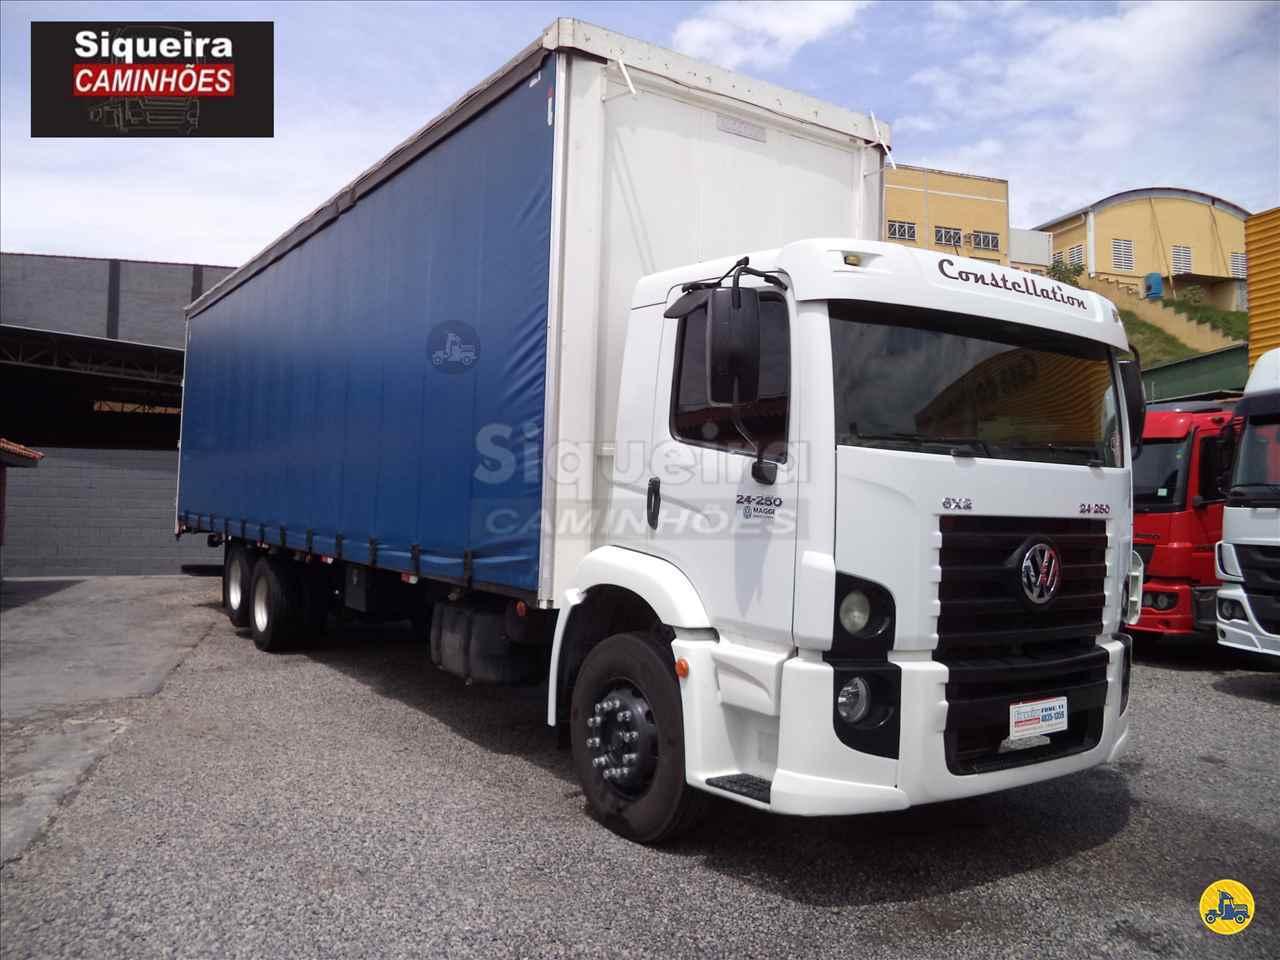 CAMINHAO VOLKSWAGEN VW 24250 Baú Sider Truck 6x2 Siqueira Caminhões BRAGANCA PAULISTA SÃO PAULO SP